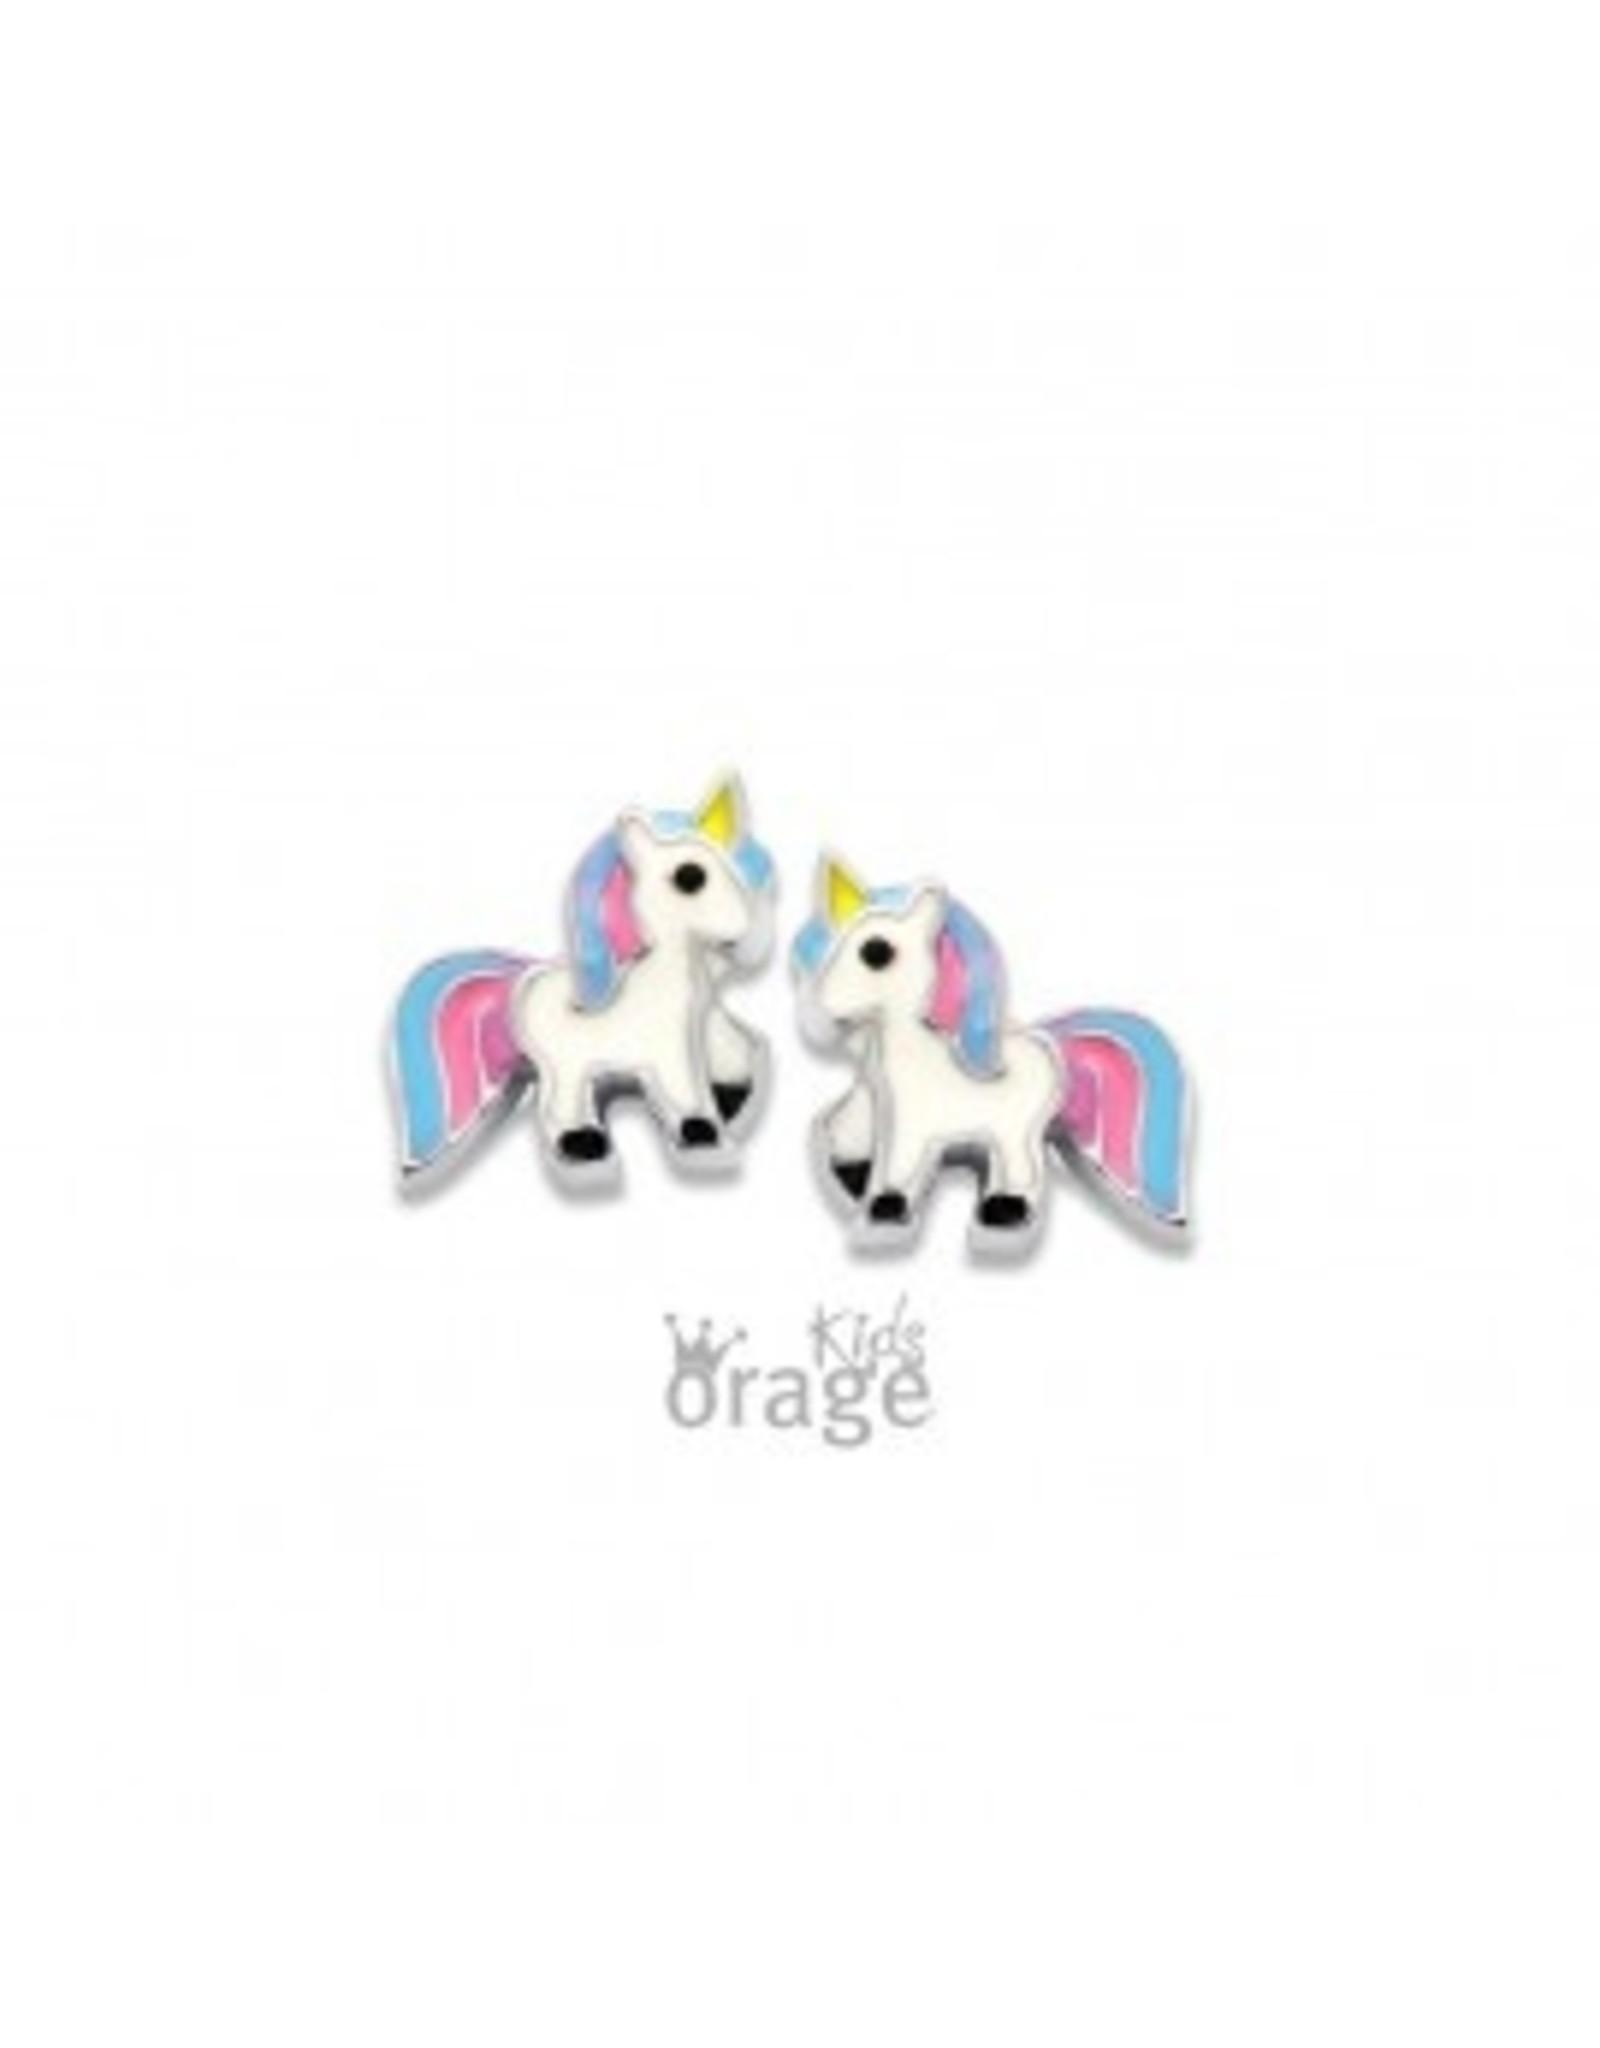 Orage Kids Oorbellen Orage Kids K2004 Eenhoorn Zilver